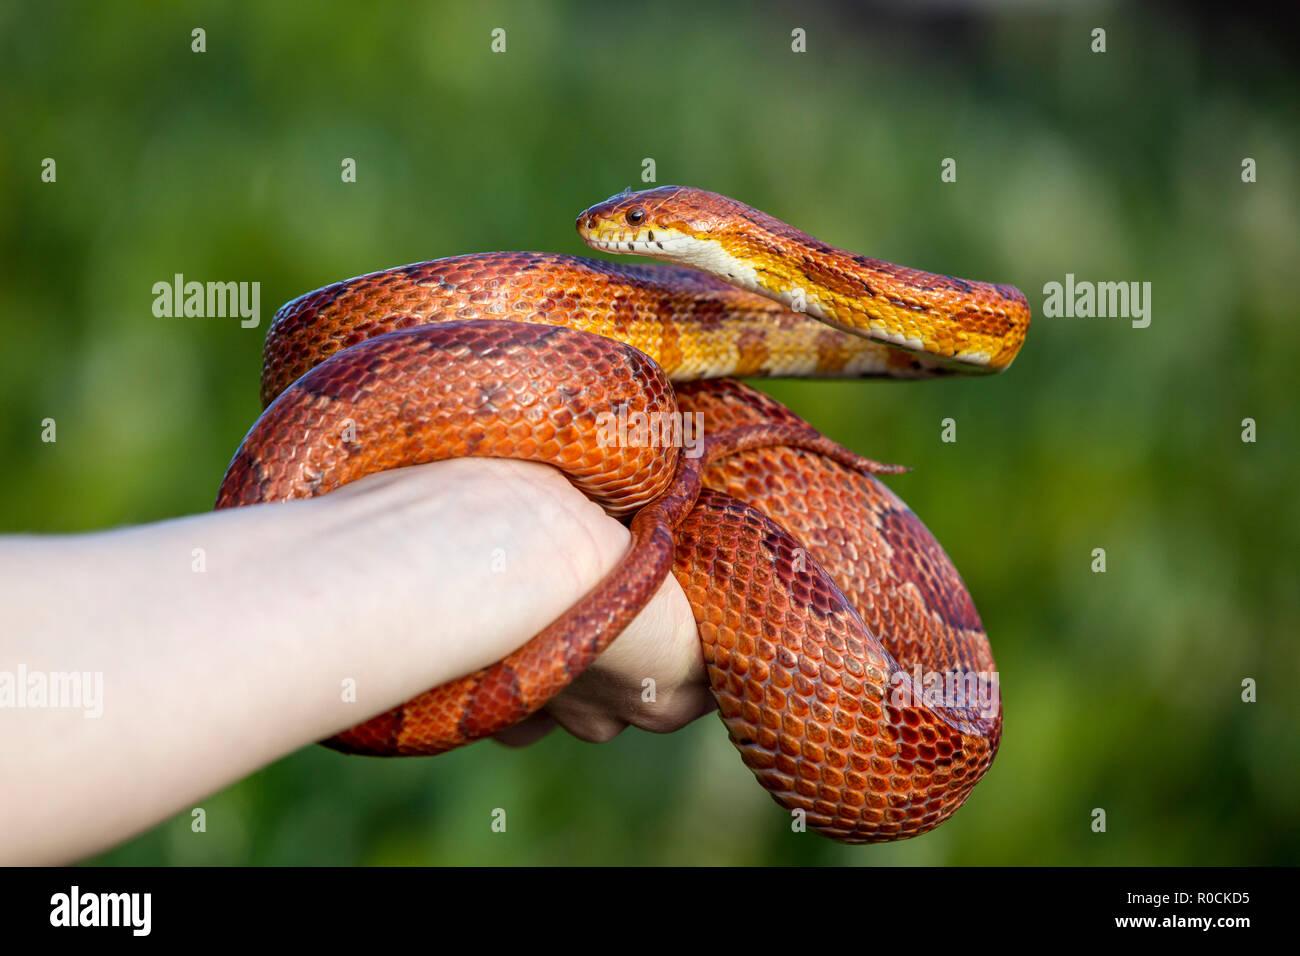 Maíz serpiente enrollada alrededor de propietarios mano contra fondo verde Foto de stock